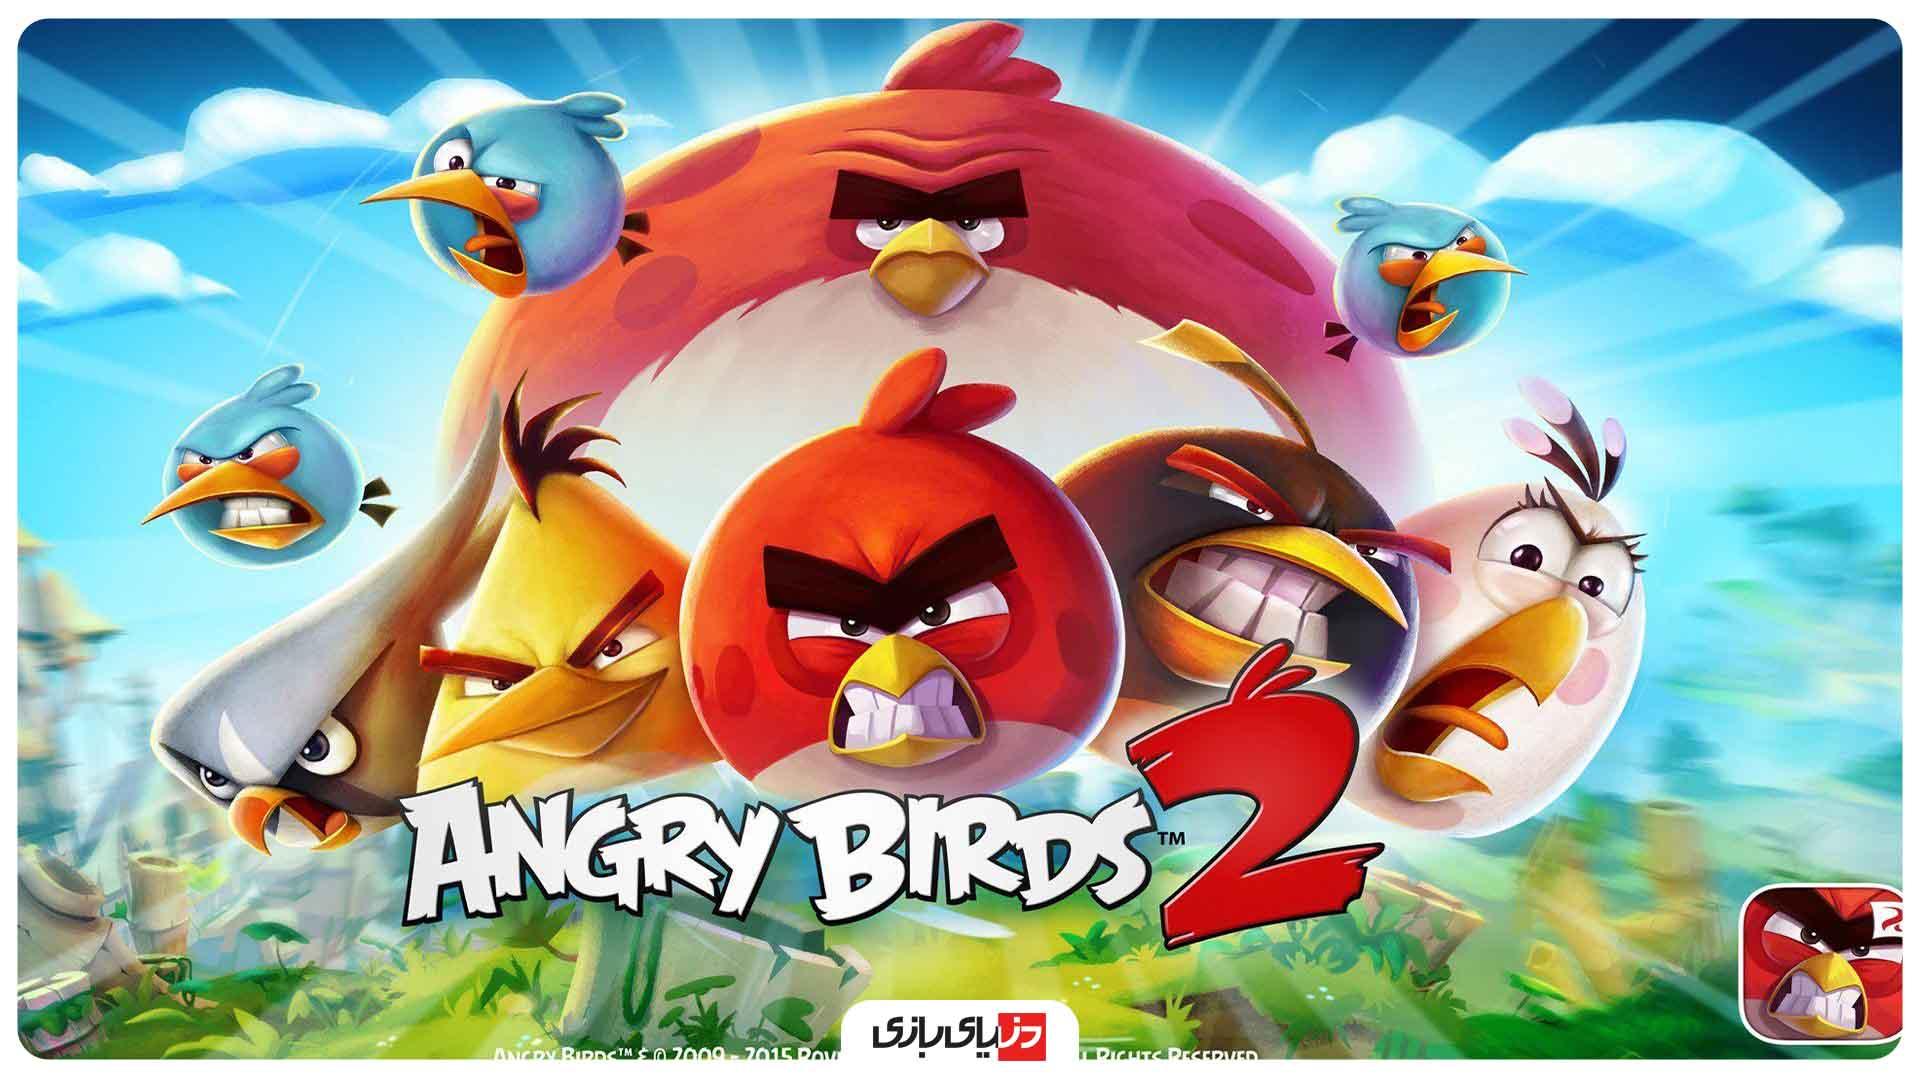 بازی Angry Birds -پرندگان خشمگین بردز 2 (جولای 2015)